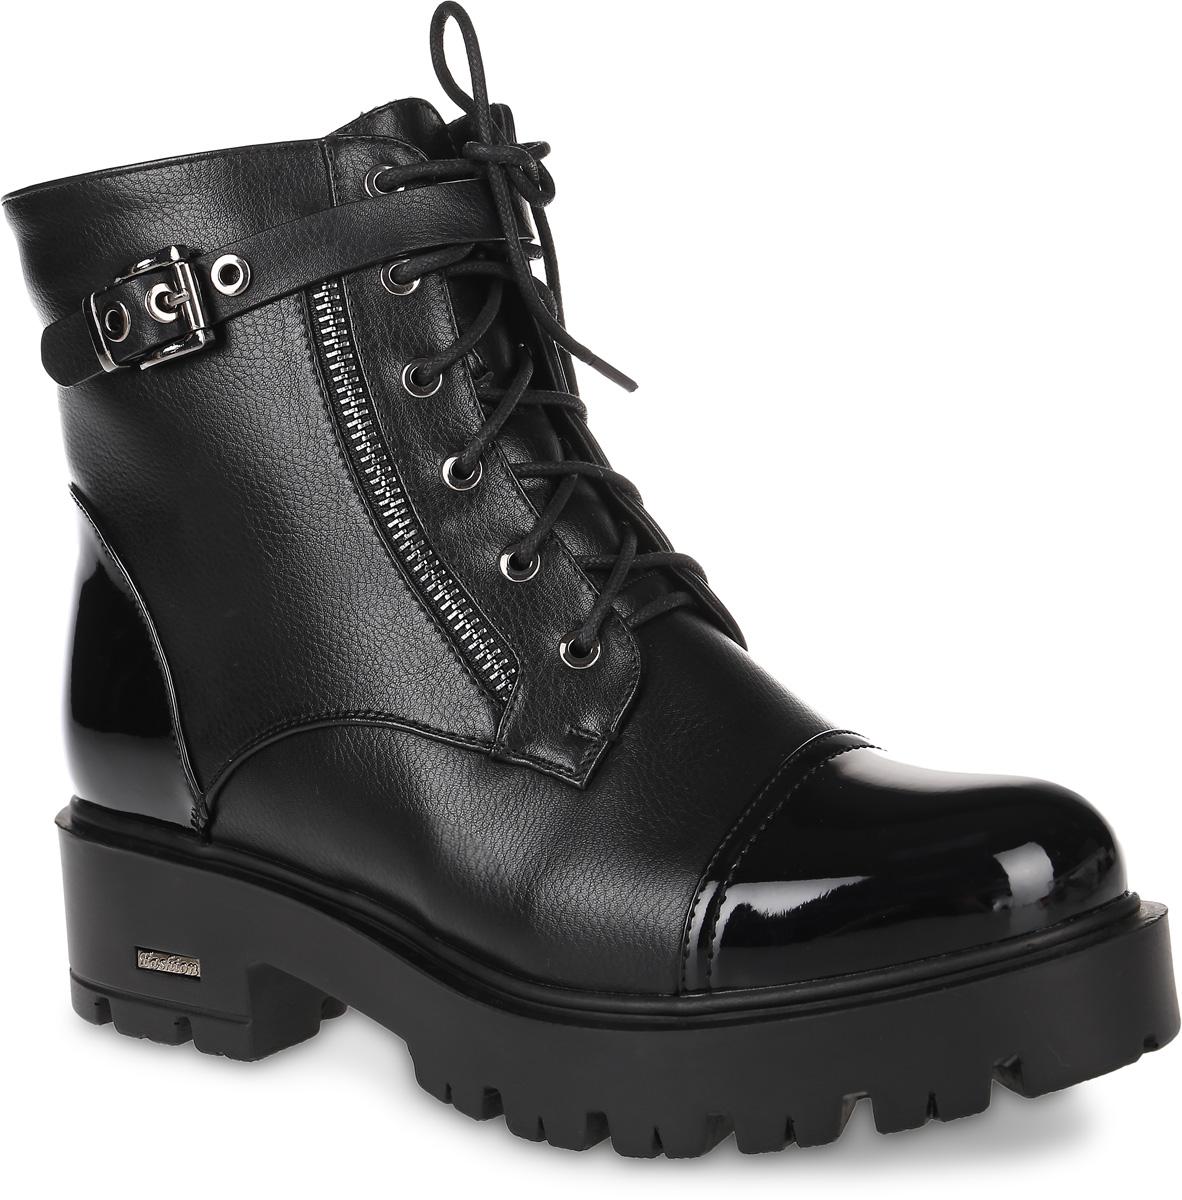 16115Z-2-1MЖенские ботинки от Daze, выполненные из искусственной кожи, оформлены на мысе и на заднике вставками из искусственной лакированной кожи. Подкладка и стелька из искусственного меха не дадут ногам замерзнуть. Шнуровка и ремешок с металлической пряжкой надежно зафиксируют модель на ноге. Боковая застежка-молния позволяет легко снимать и надевать модель. Массивная подошва и каблук дополнены рифлением.